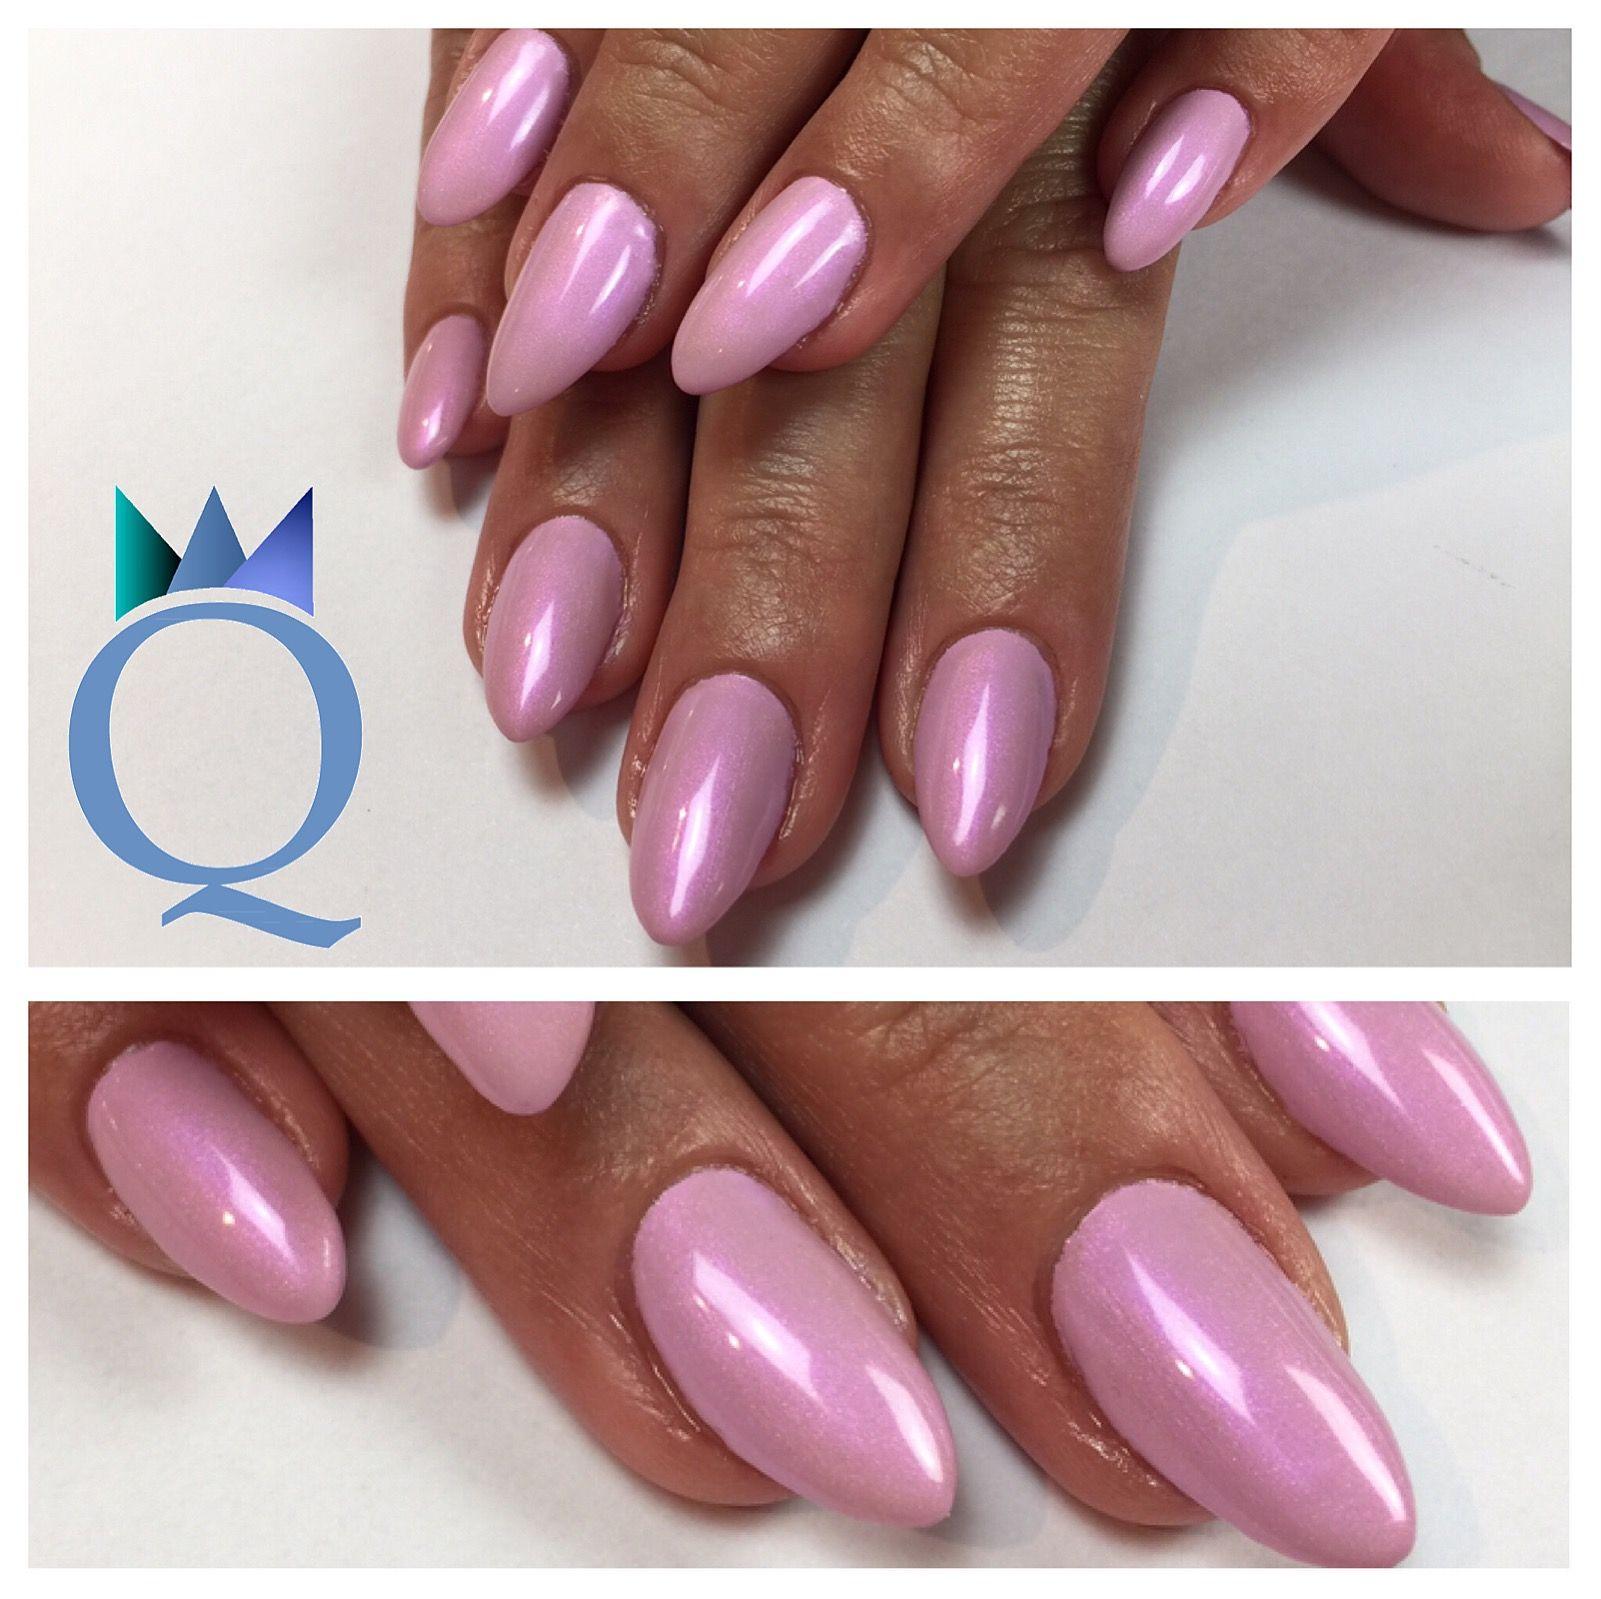 almondnails #gelnails #nails #rose #shimmer #mandelform #gelnägel ...